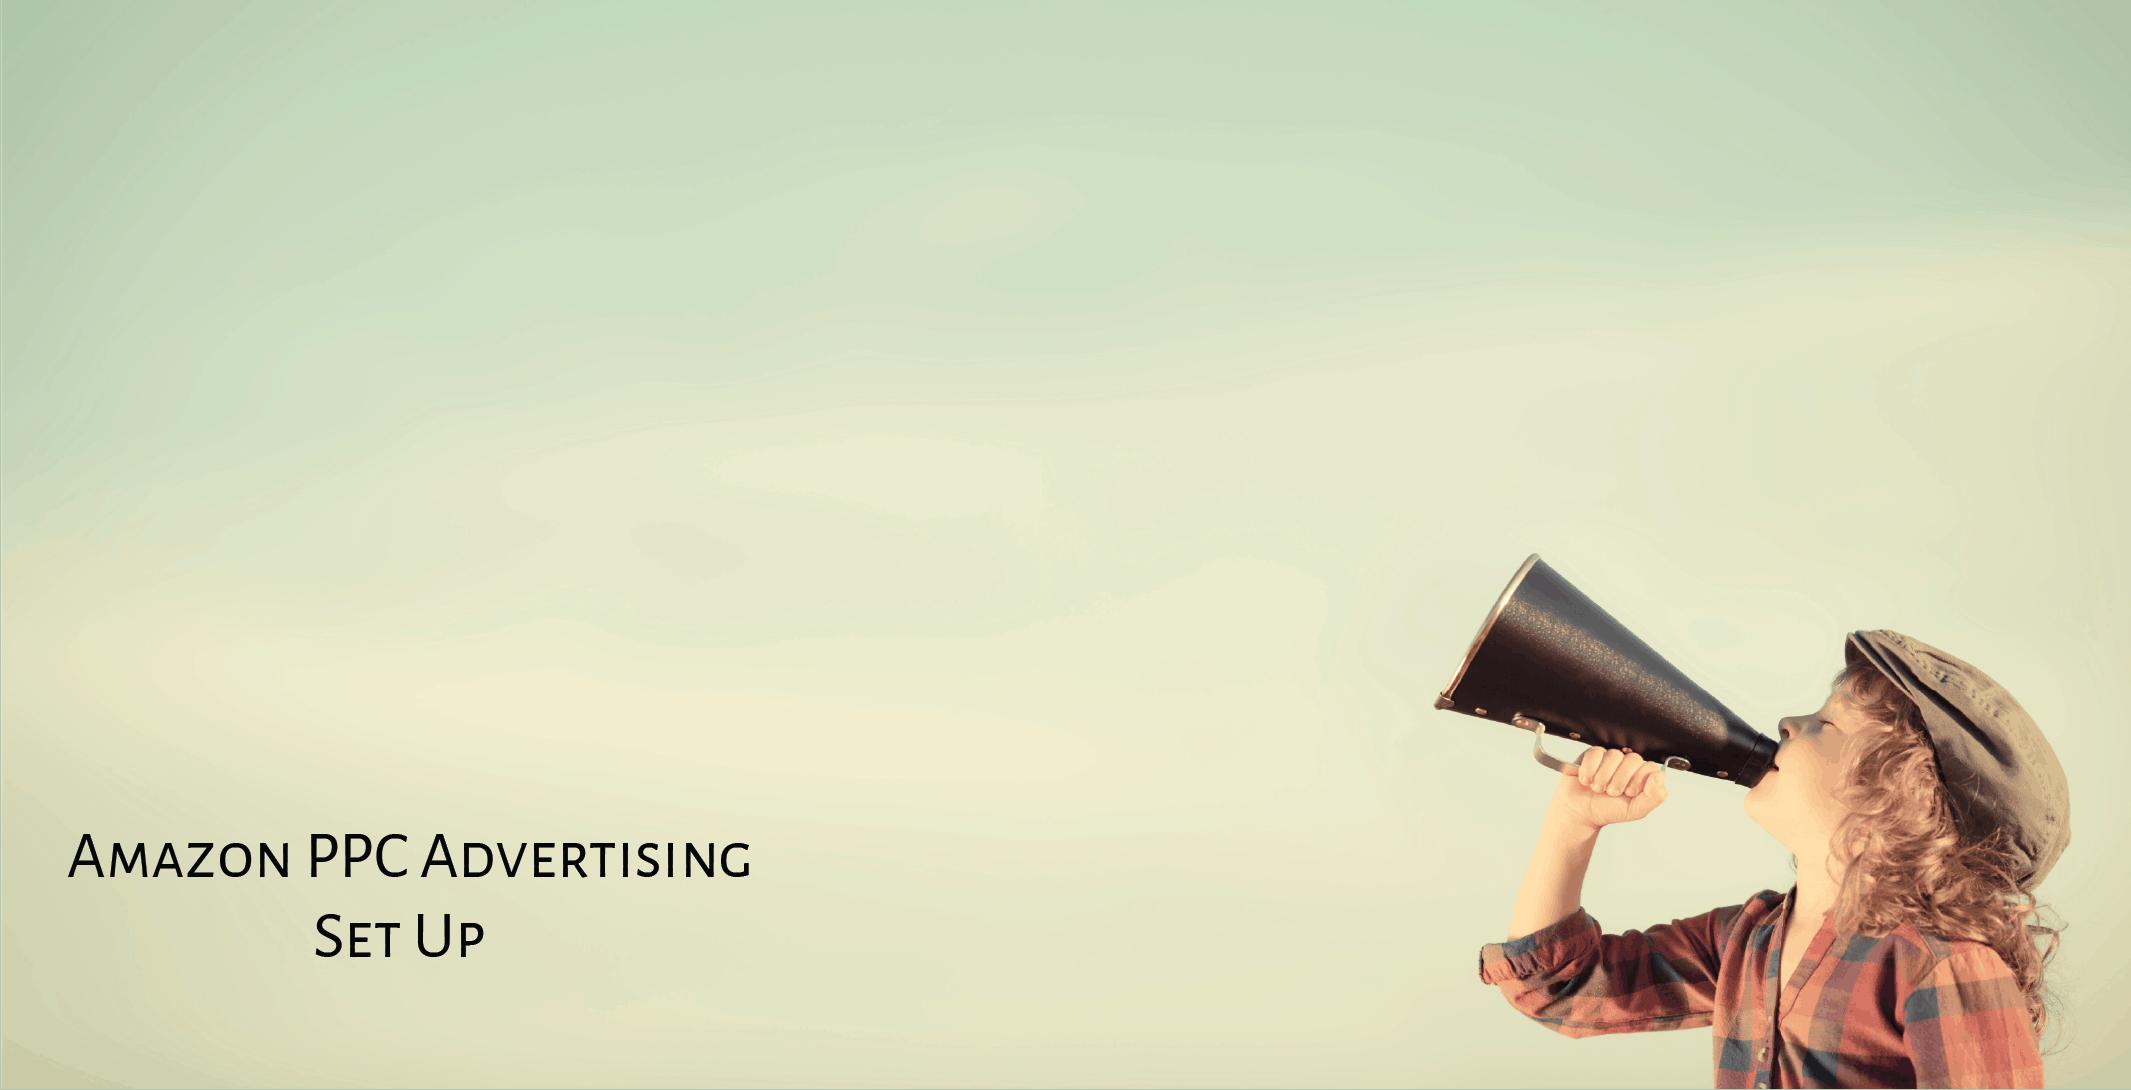 亞馬遜平台廣告設定